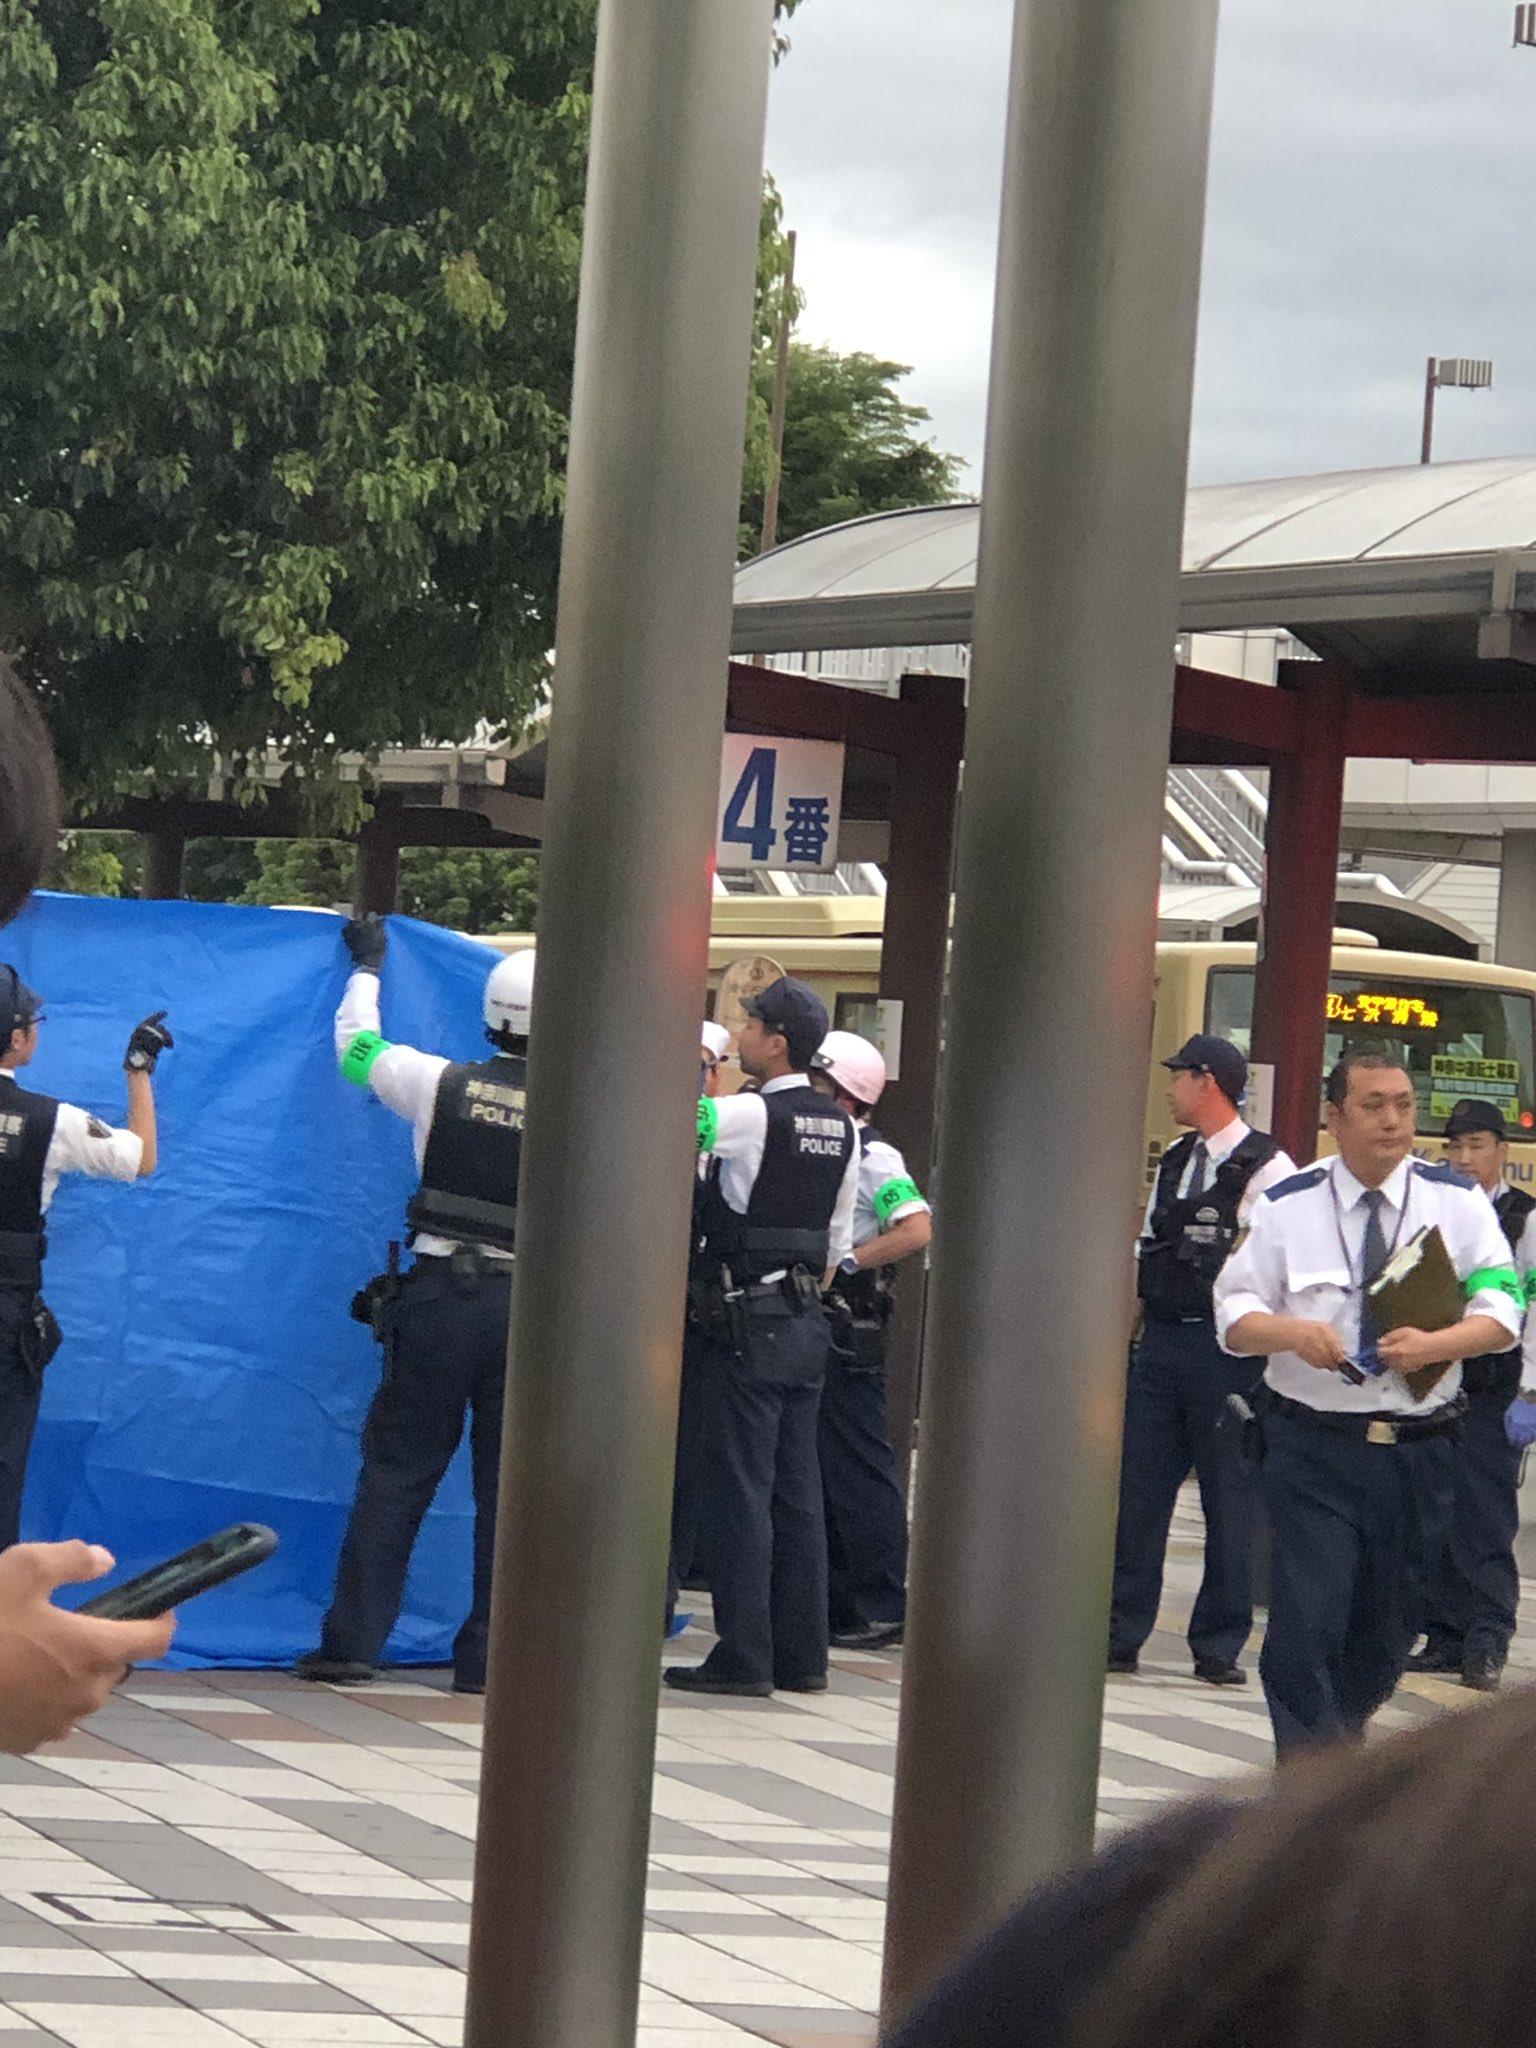 愛甲石田駅のトイレで事件が起きた現場の画像